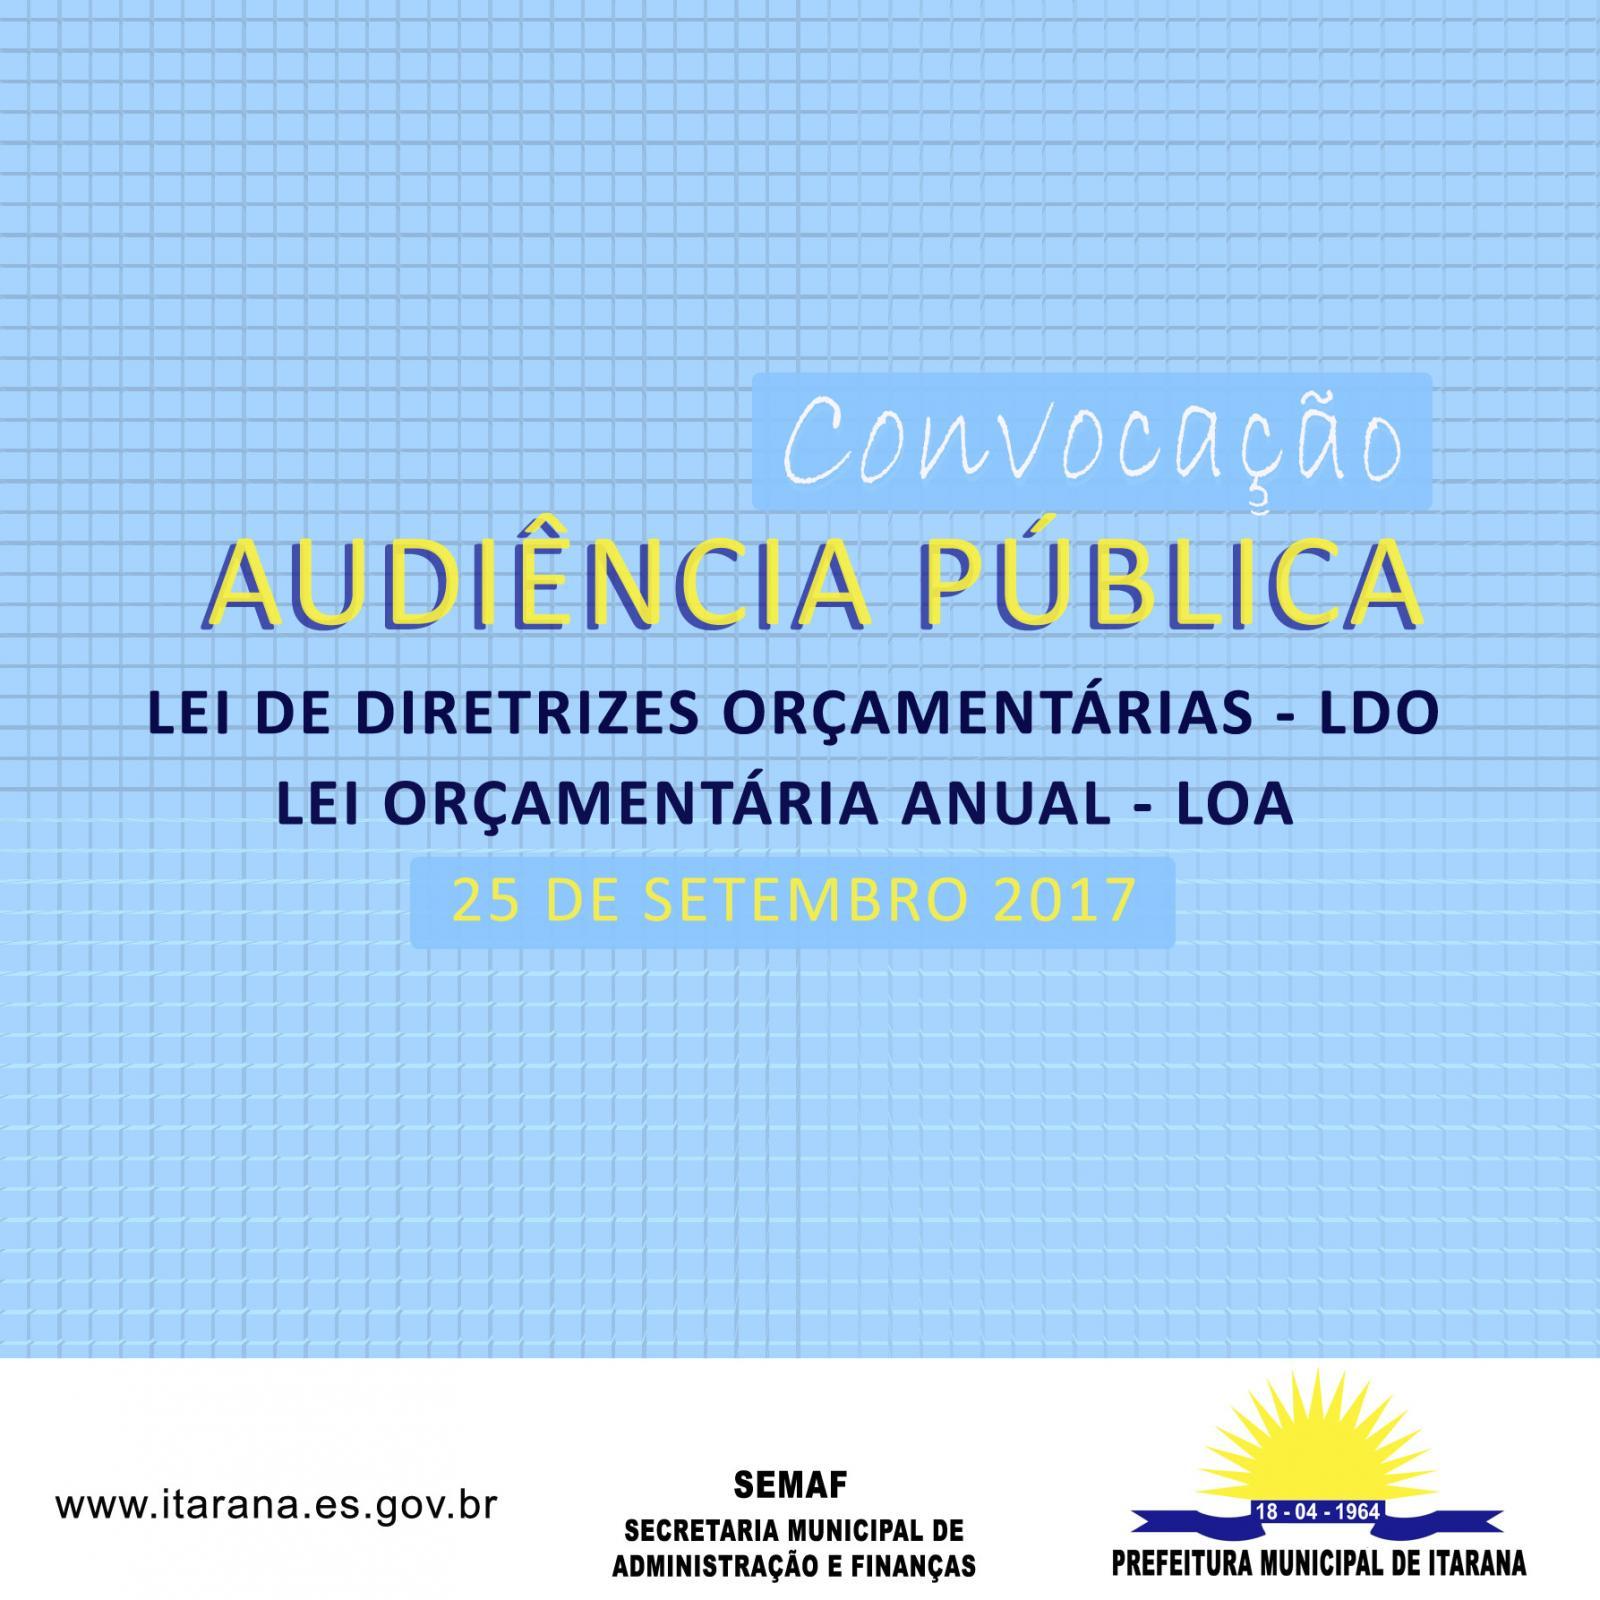 Convocação Audiência Pública LDO e LOA